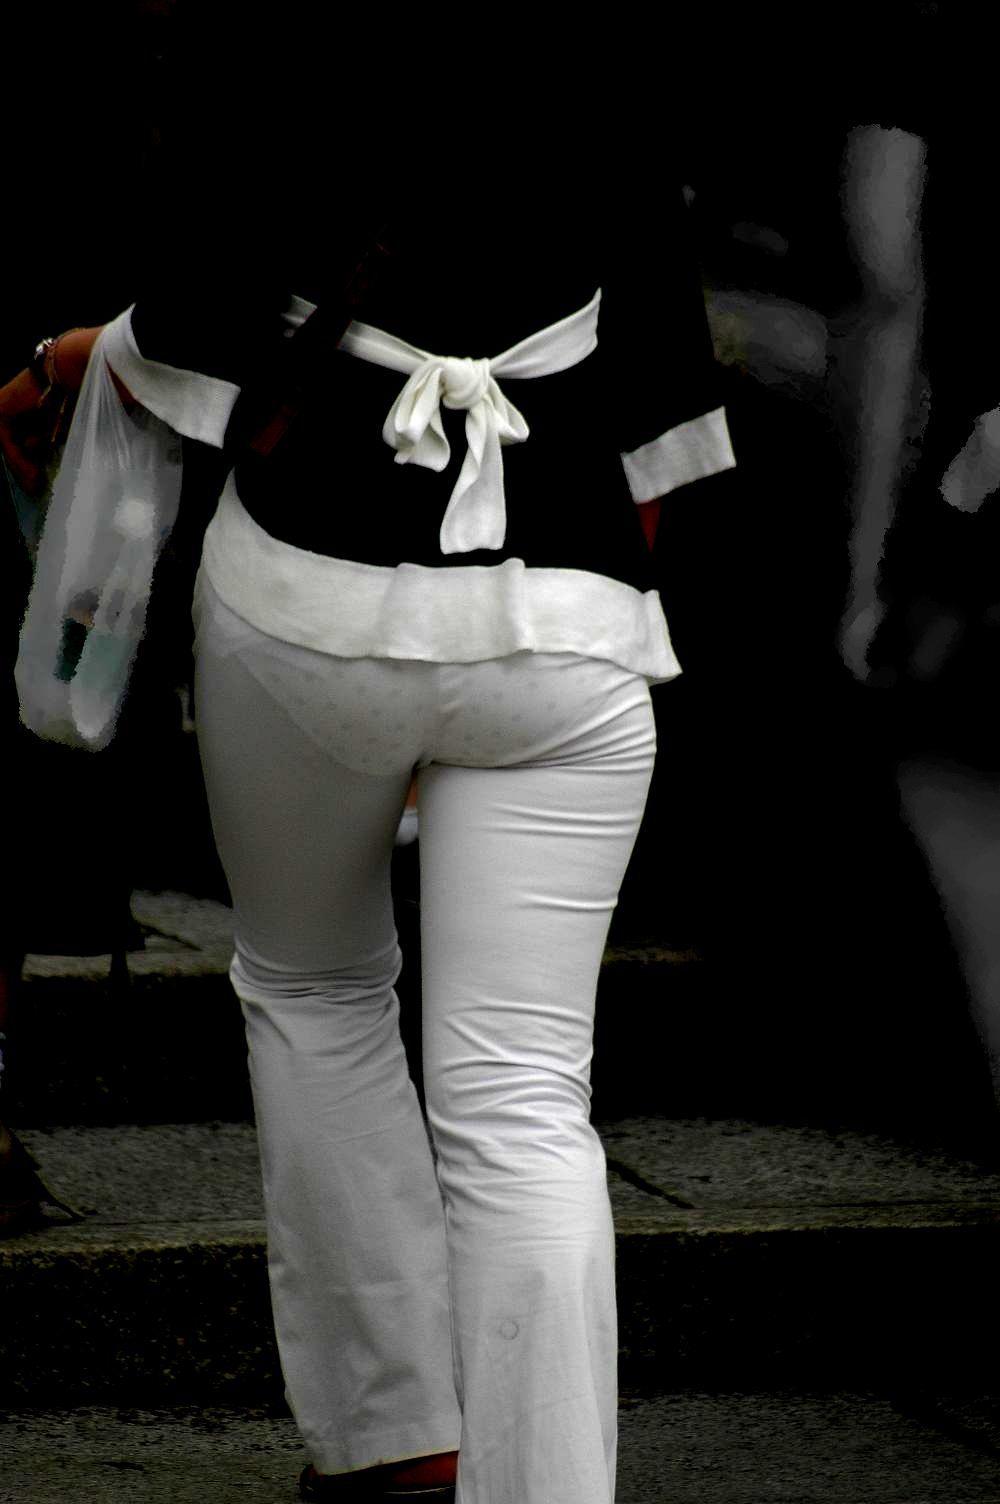 透けパン女性を街撮り (5)